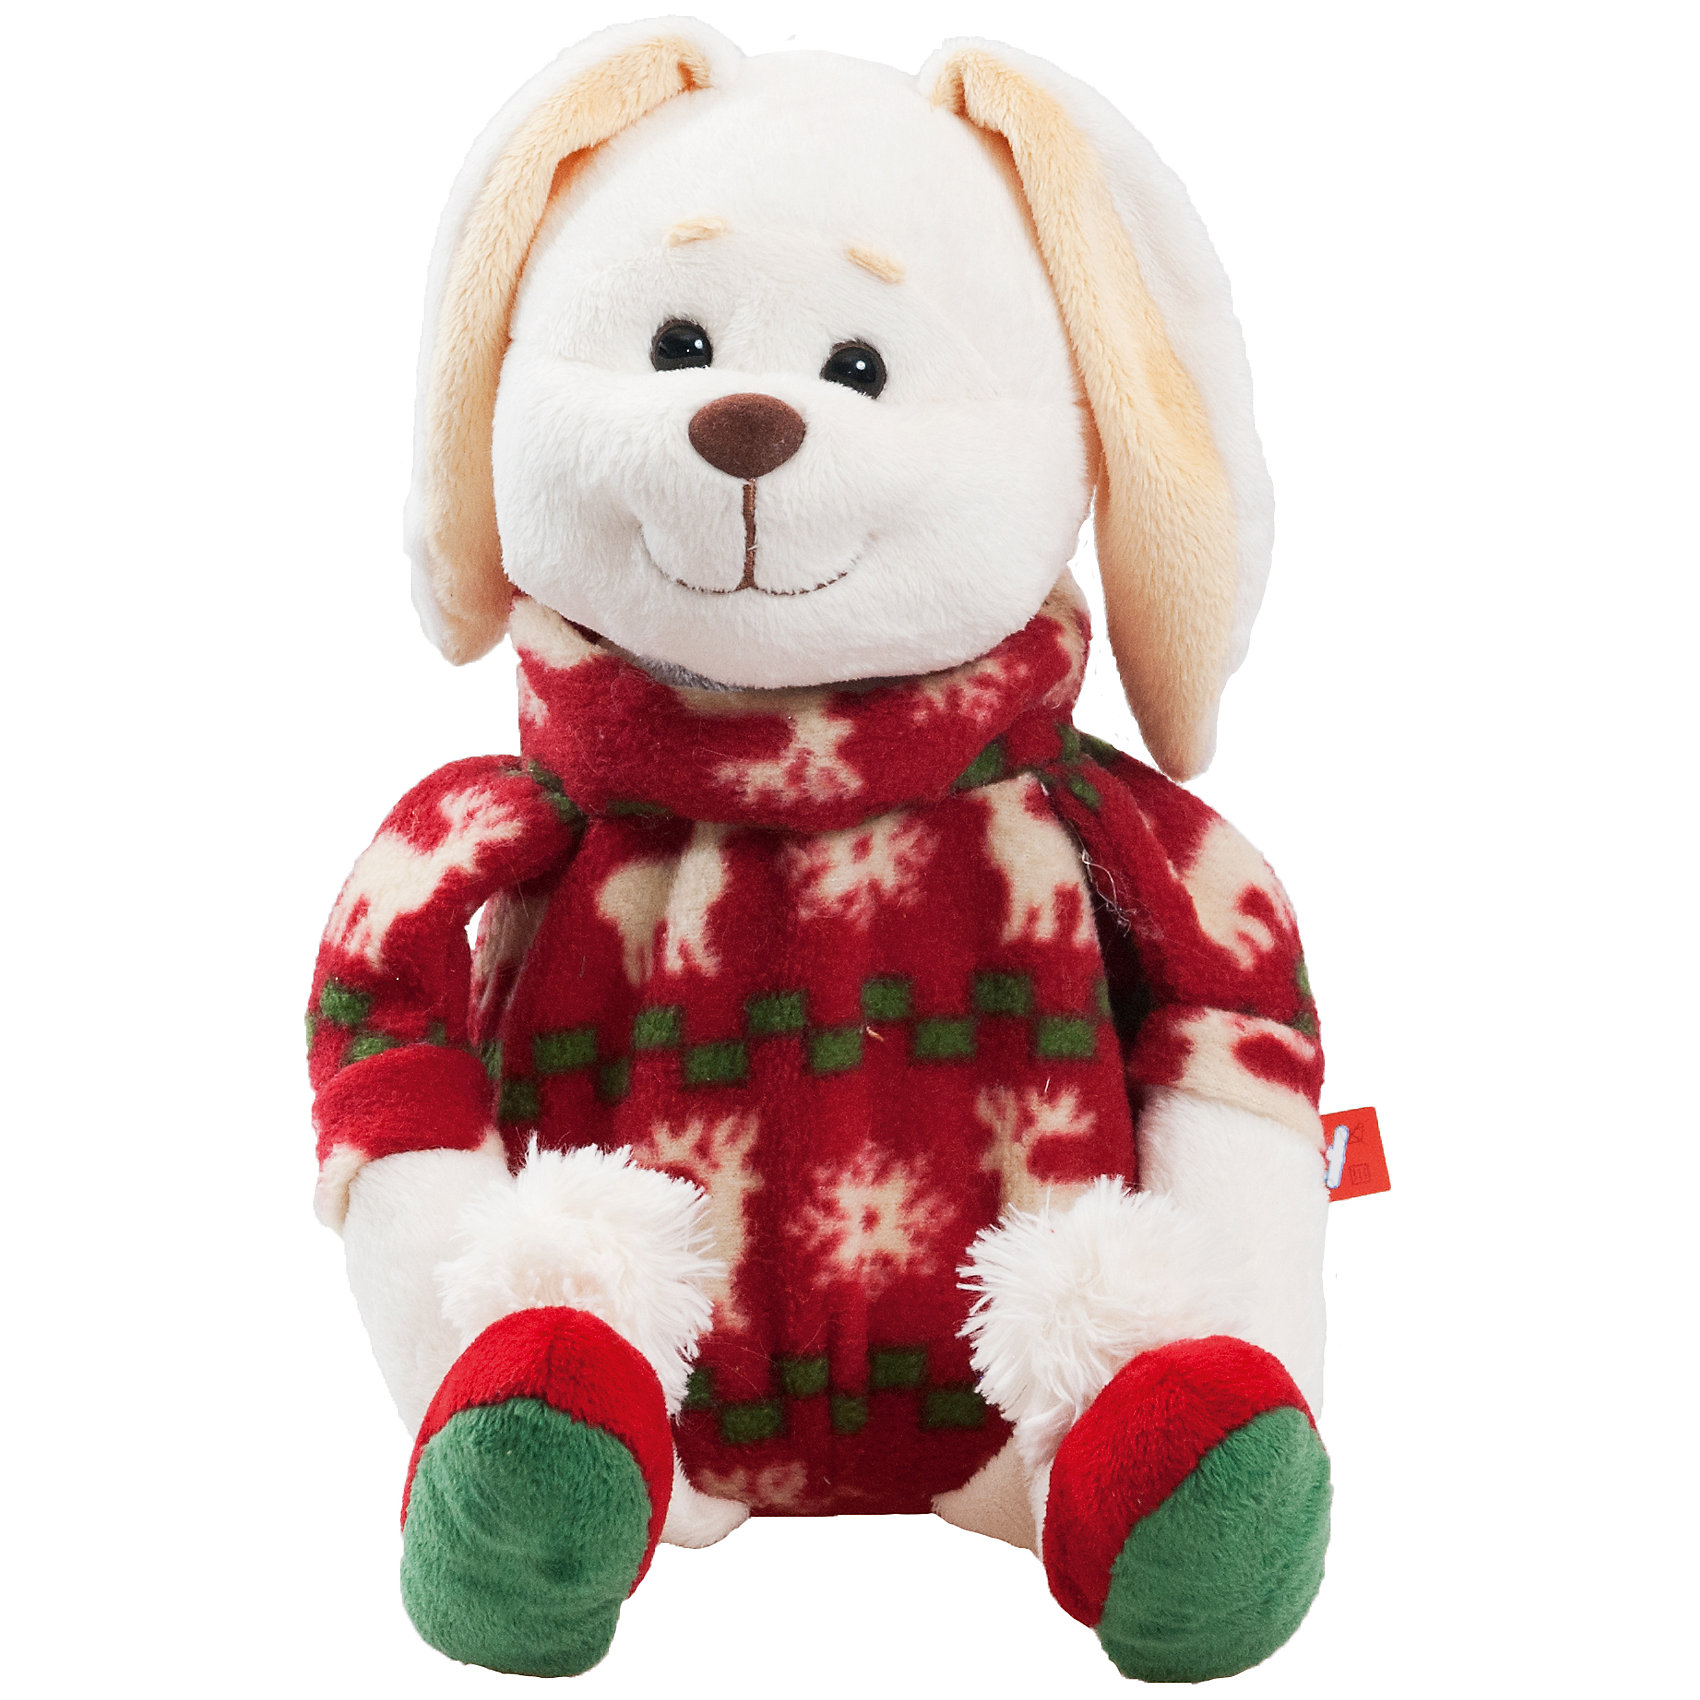 Мягкая игрушка Зайчик-грелка, FancyЗайцы и кролики<br>Мягкая игрушка Зайчик-грелка, Fancy<br><br>Характеристики игрушки:<br>- Состав: текстиль, зерна проса<br>- Размер: 22 см. <br>- Грелка<br>Мягкая игрушка Зайчик-грелка от популярного бренда мягких игрушек Fancy (Фэнси) станет отличным другом малыша. Зайчик изготовлен из безопасных материалов, не содержит мелких деталей и подходит детям от трех лет. Приятный зимний дизайн свитера зайки напоминает нам о зимних праздниках. Игрушка приятная  мягкая на ощупь, а функциональная грелка в виде вынимаемого мешочка с зернами проса, поможет оставаться в тепле в холодное время. Для этого нужно расстегнуть молнию и достать мешочек из игрушки, затем пометить его в микроволновую печь на одну минуту и вложить обратно в игрушку. Зерна проса являются натуральным наполнителем и способны быстро нагреваться и долго удерживать тепло. При желании можно поместить мешочек в морозильную камеру и наслаждаться прохладой в жаркое время года. После использования рекомендуется просушить мешочек и игрушку. Игрушка Зайчик-грелка также поможет развить воображение, навыки общения, моторику рук, а также тактильное и цветовое восприятие.   <br><br>Мягкую игрушку  Зайчик-грелка , Fancy (Фэнси) можно купить в нашем интернет-магазине.<br>Подробнее:<br>• Для детей в возрасте: от 3 до 8 лет <br>• Номер товара: 4318189<br>Страна производитель: Китай<br><br>Ширина мм: 170<br>Глубина мм: 210<br>Высота мм: 290<br>Вес г: 465<br>Возраст от месяцев: 36<br>Возраст до месяцев: 96<br>Пол: Унисекс<br>Возраст: Детский<br>SKU: 4318189